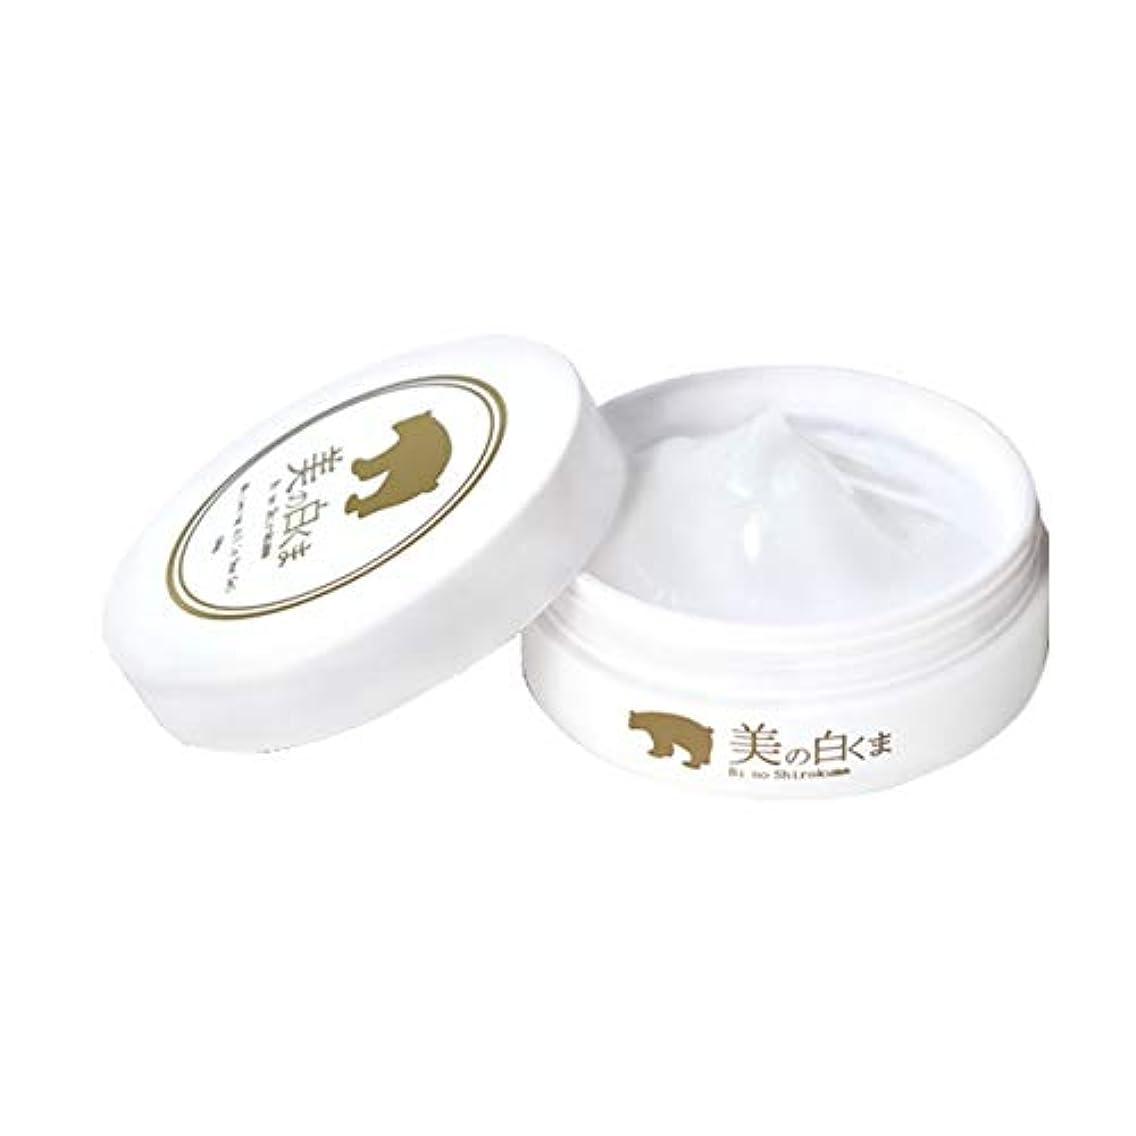 探すパフ識別美の白くま<美白オールインワンゲル50g> シミ取り保湿(医薬部外品)ふっくら美肌体験… ベタつかない?